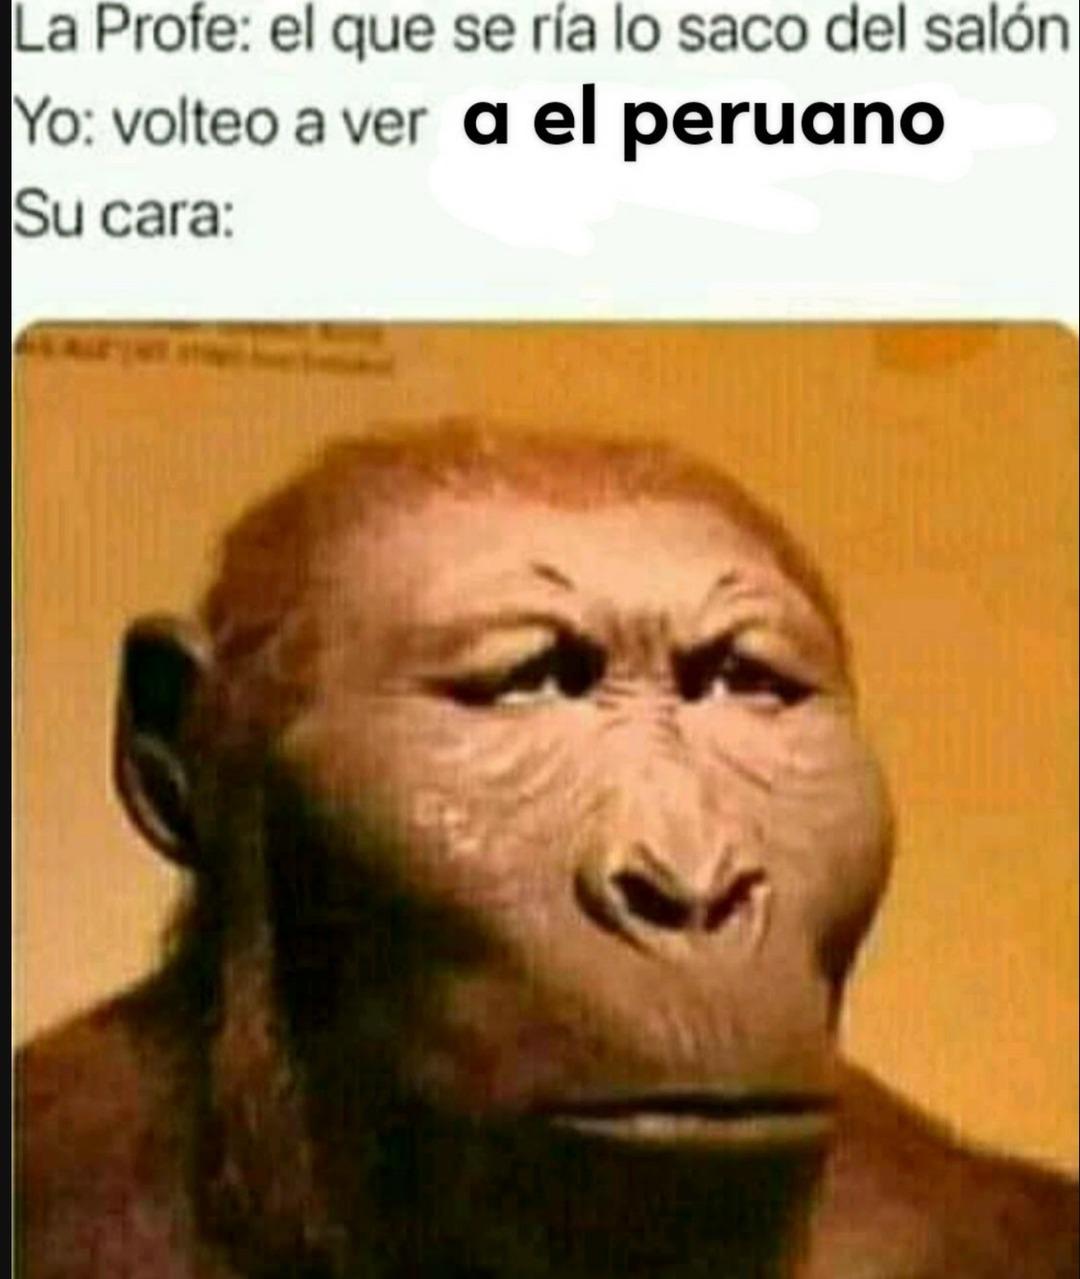 XDDDDDDDDDDDDDDDD - meme